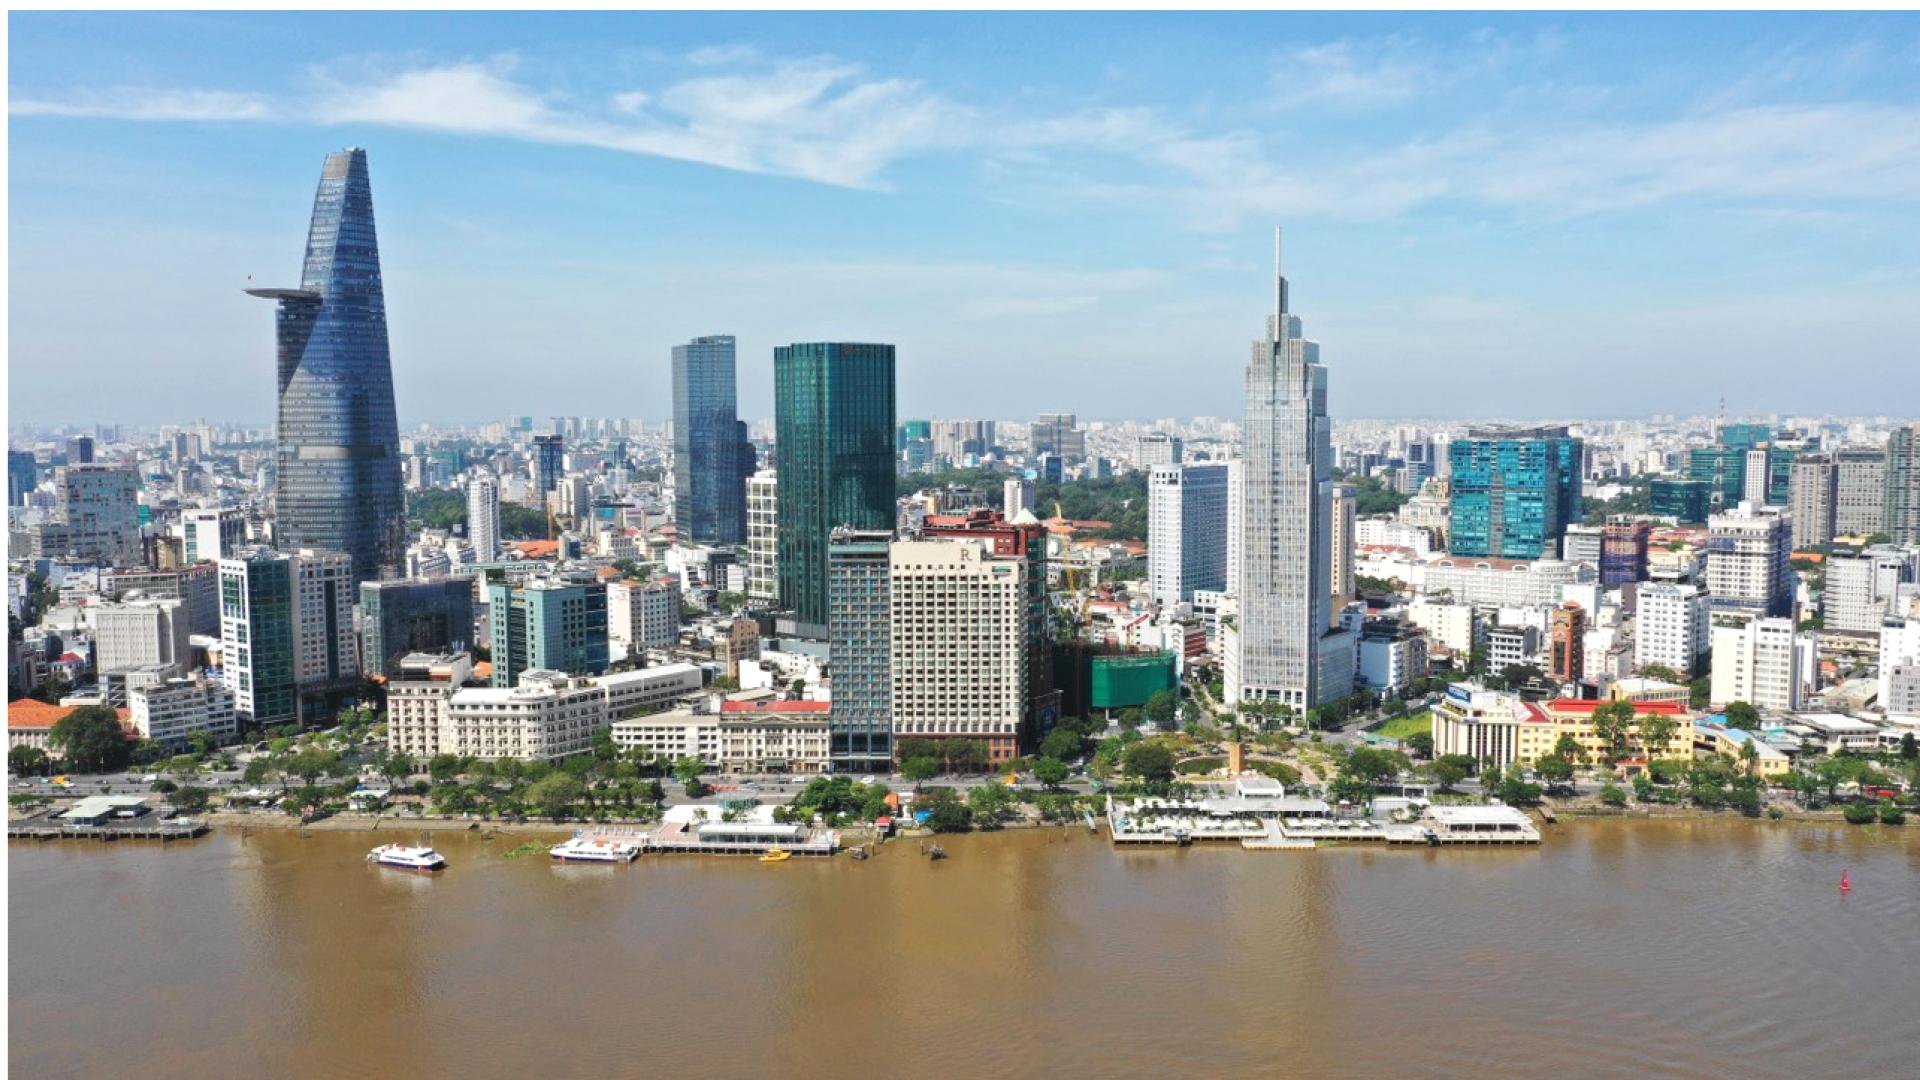 Những gợi mở của đồng chí Nguyễn Văn Nên về chiến lược sống có dịch Covid-19 ảnh 19